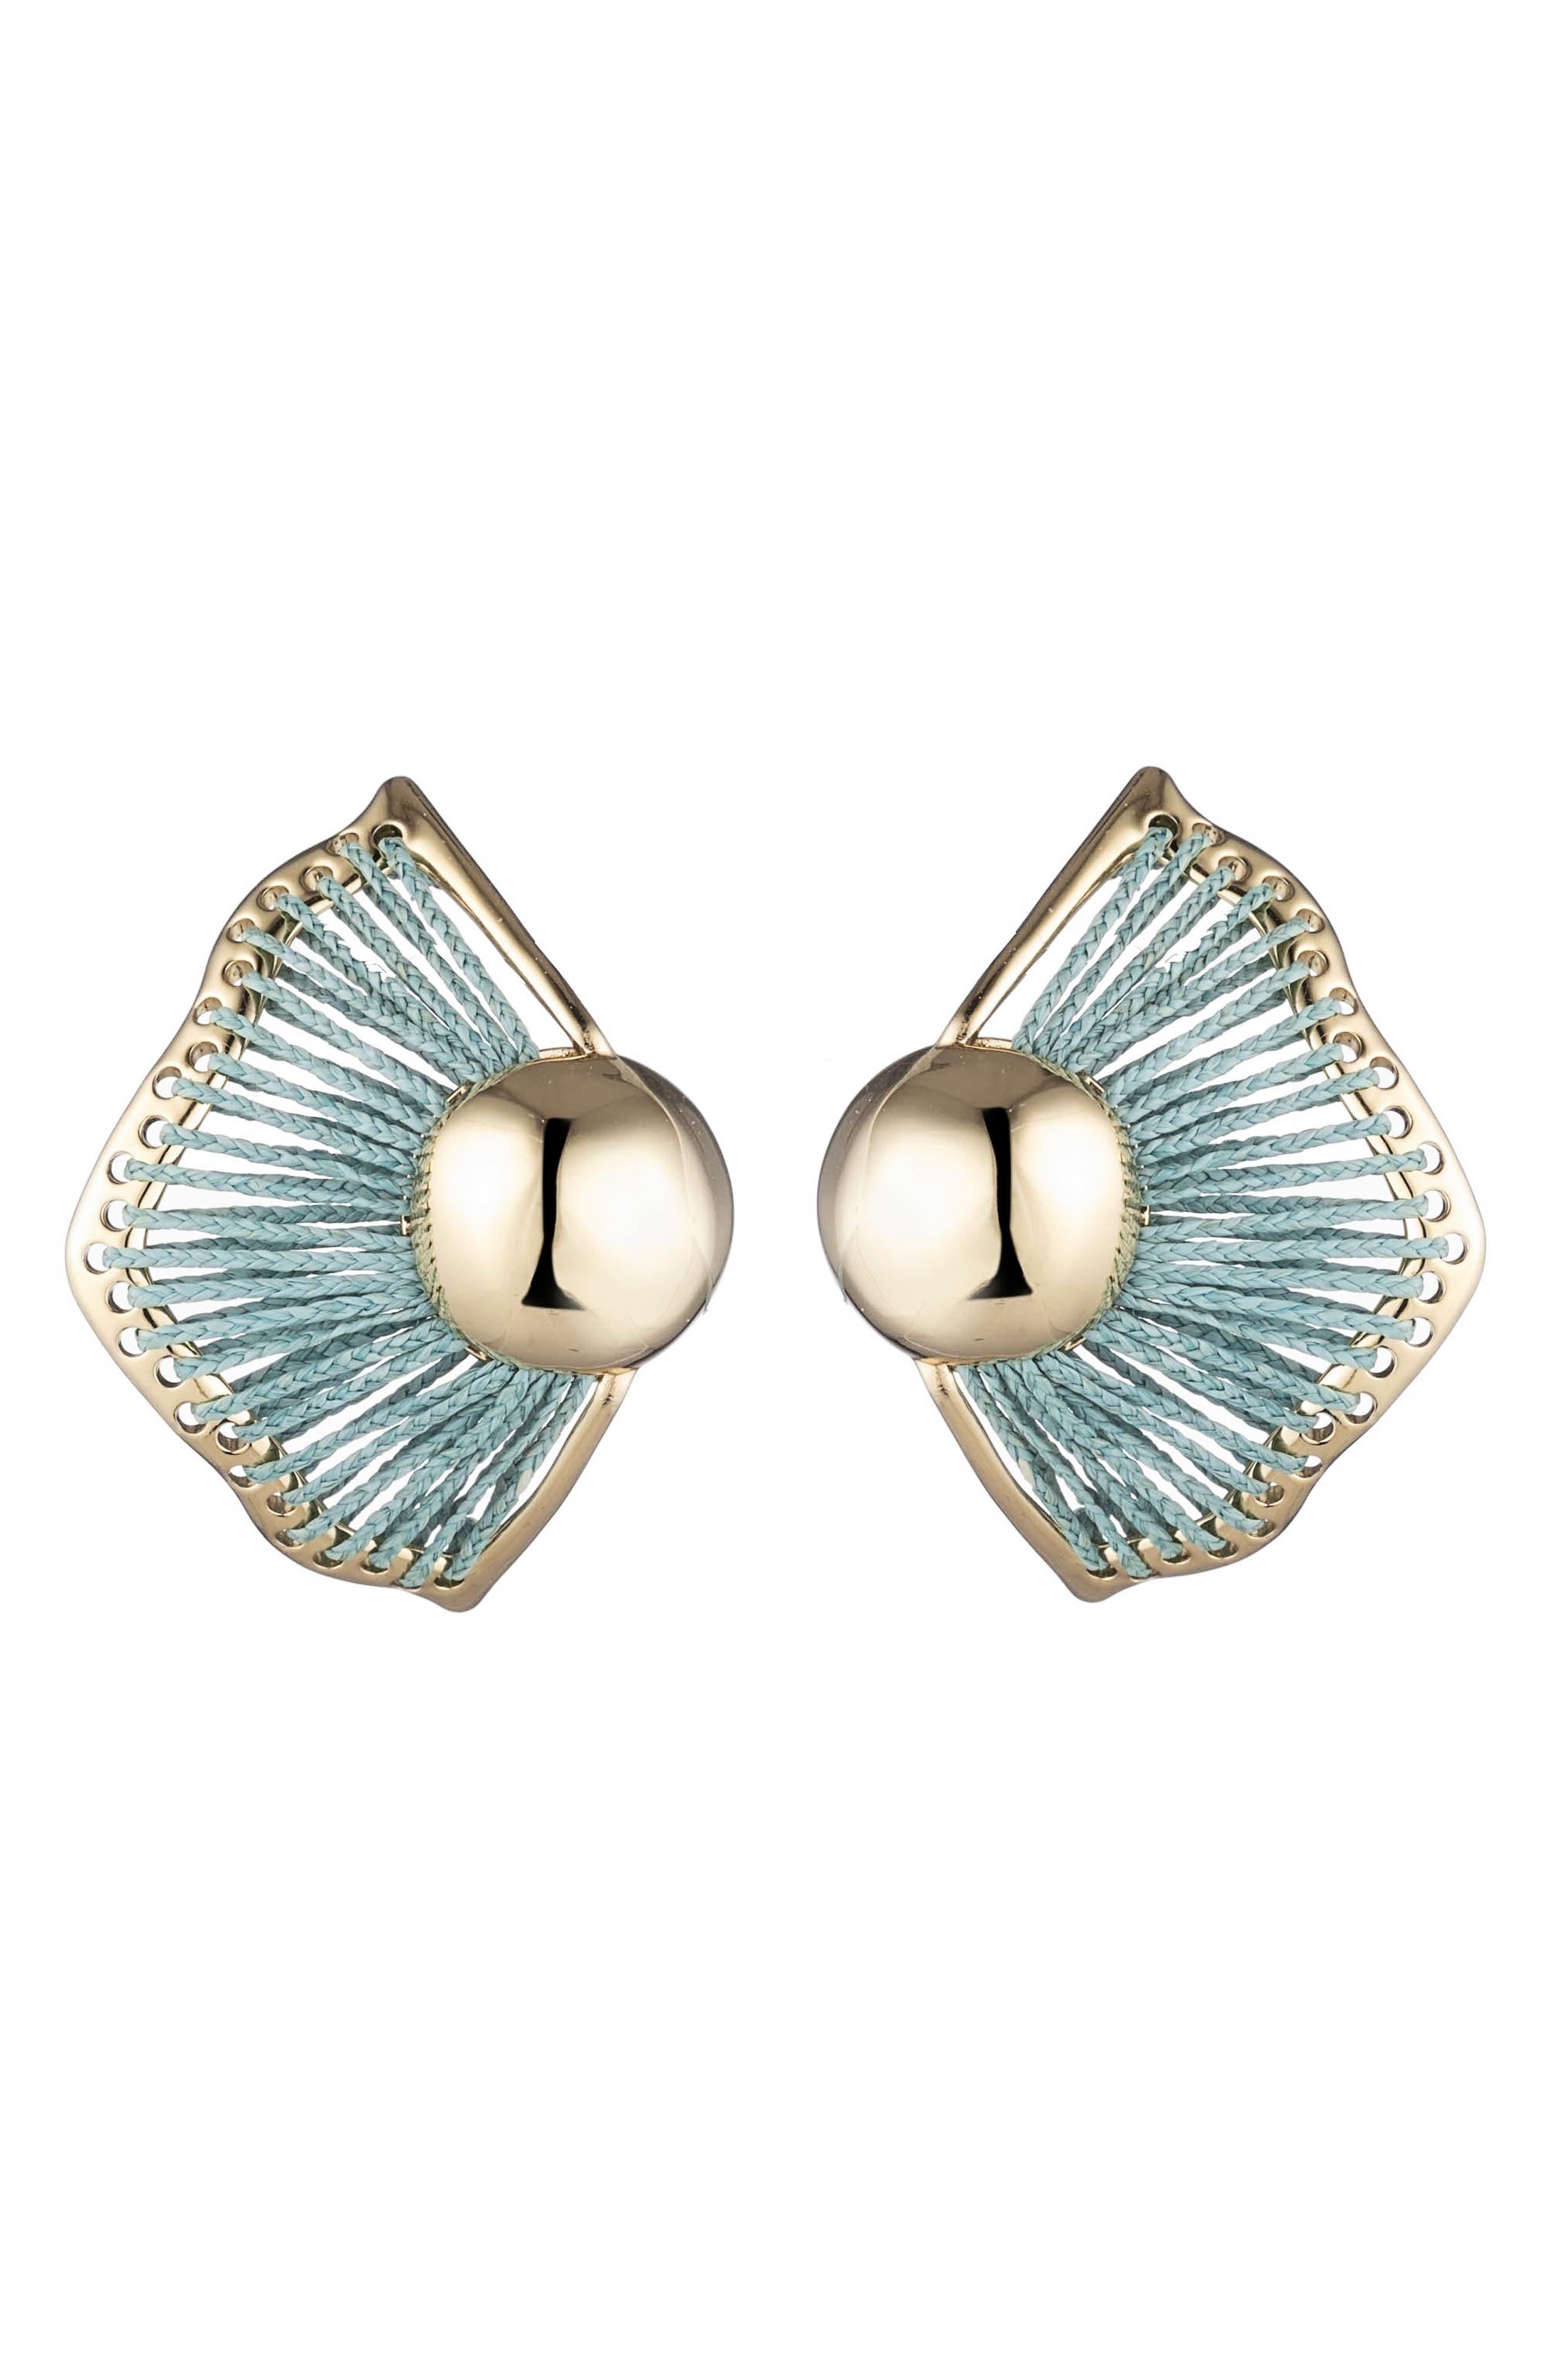 Wren Statement Stud Earrings